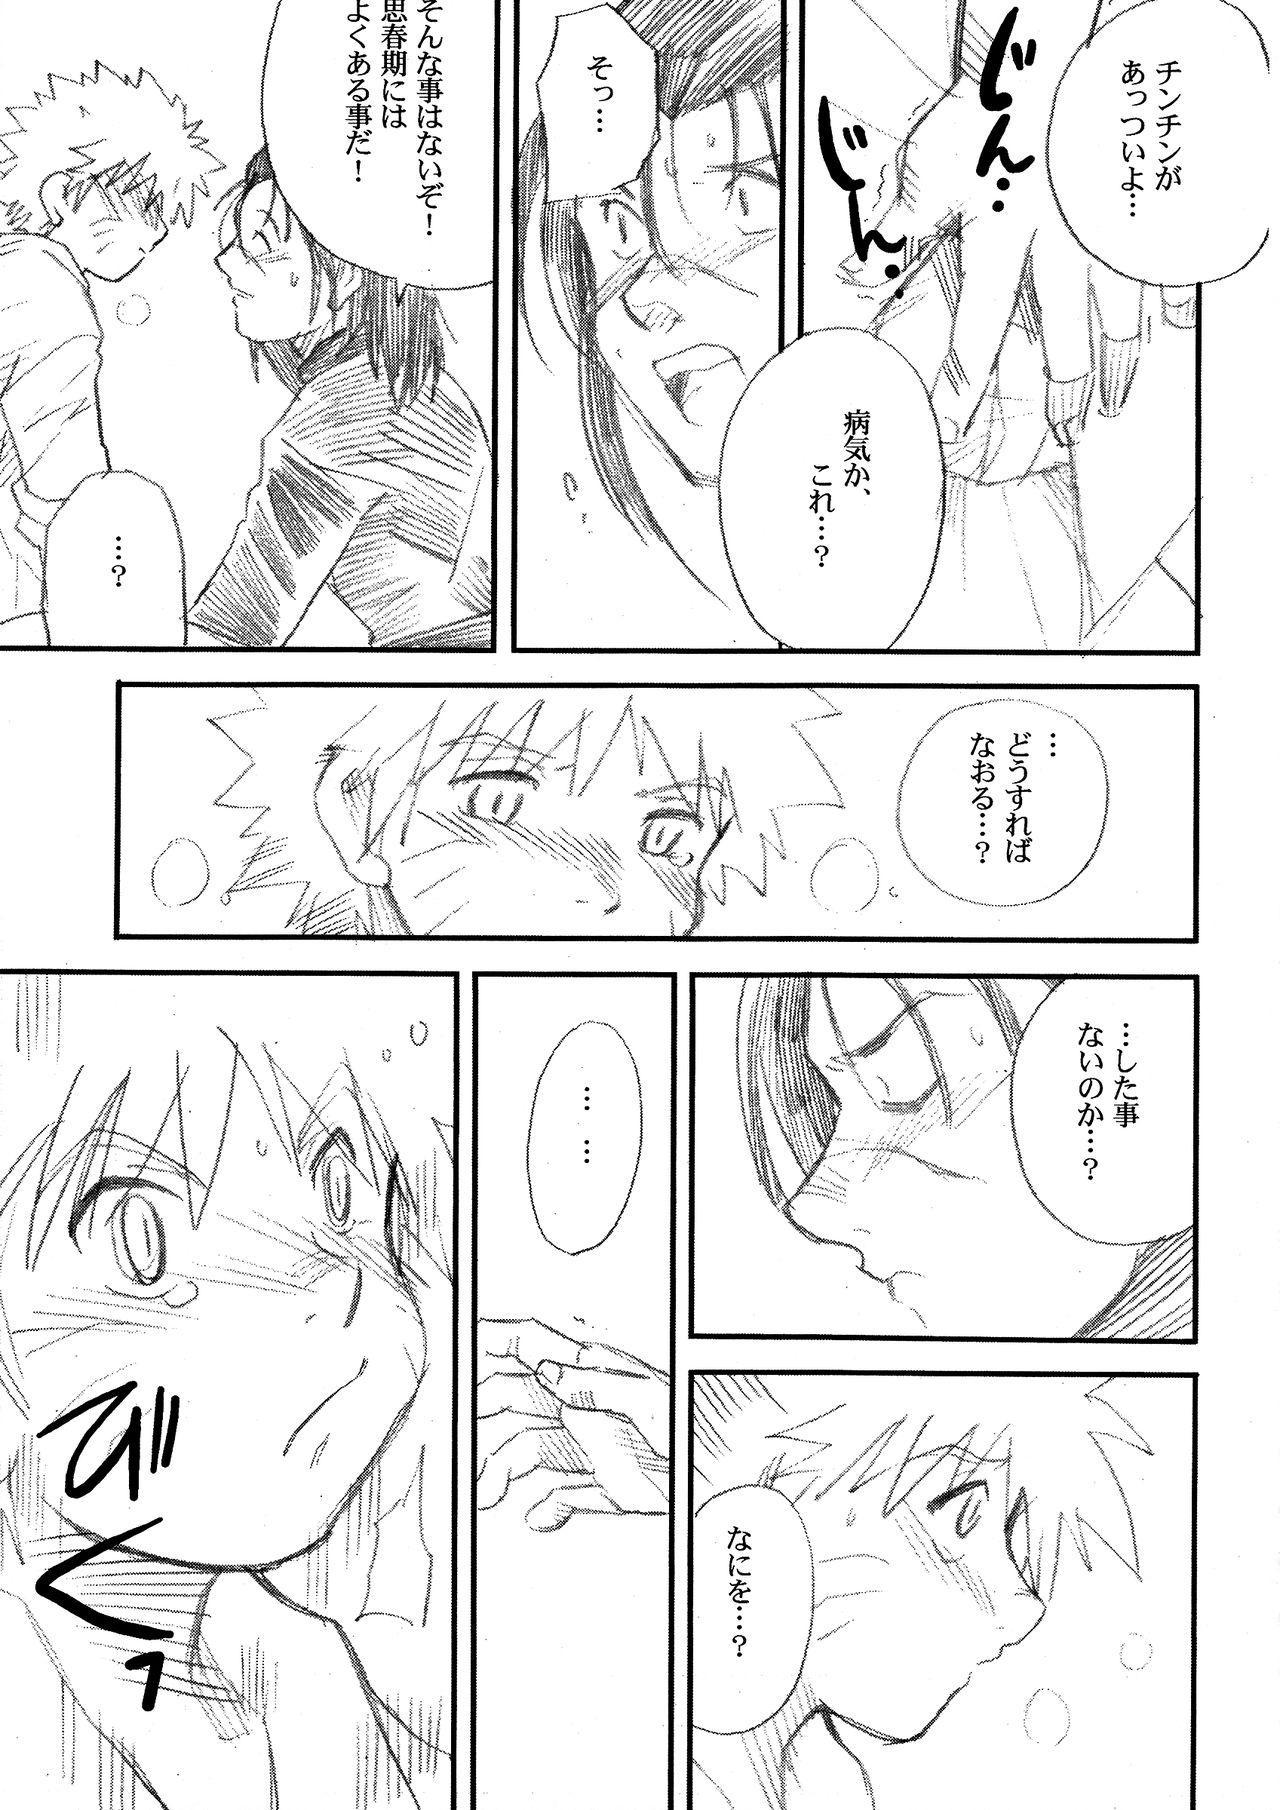 IruNaru no Wadachi 11